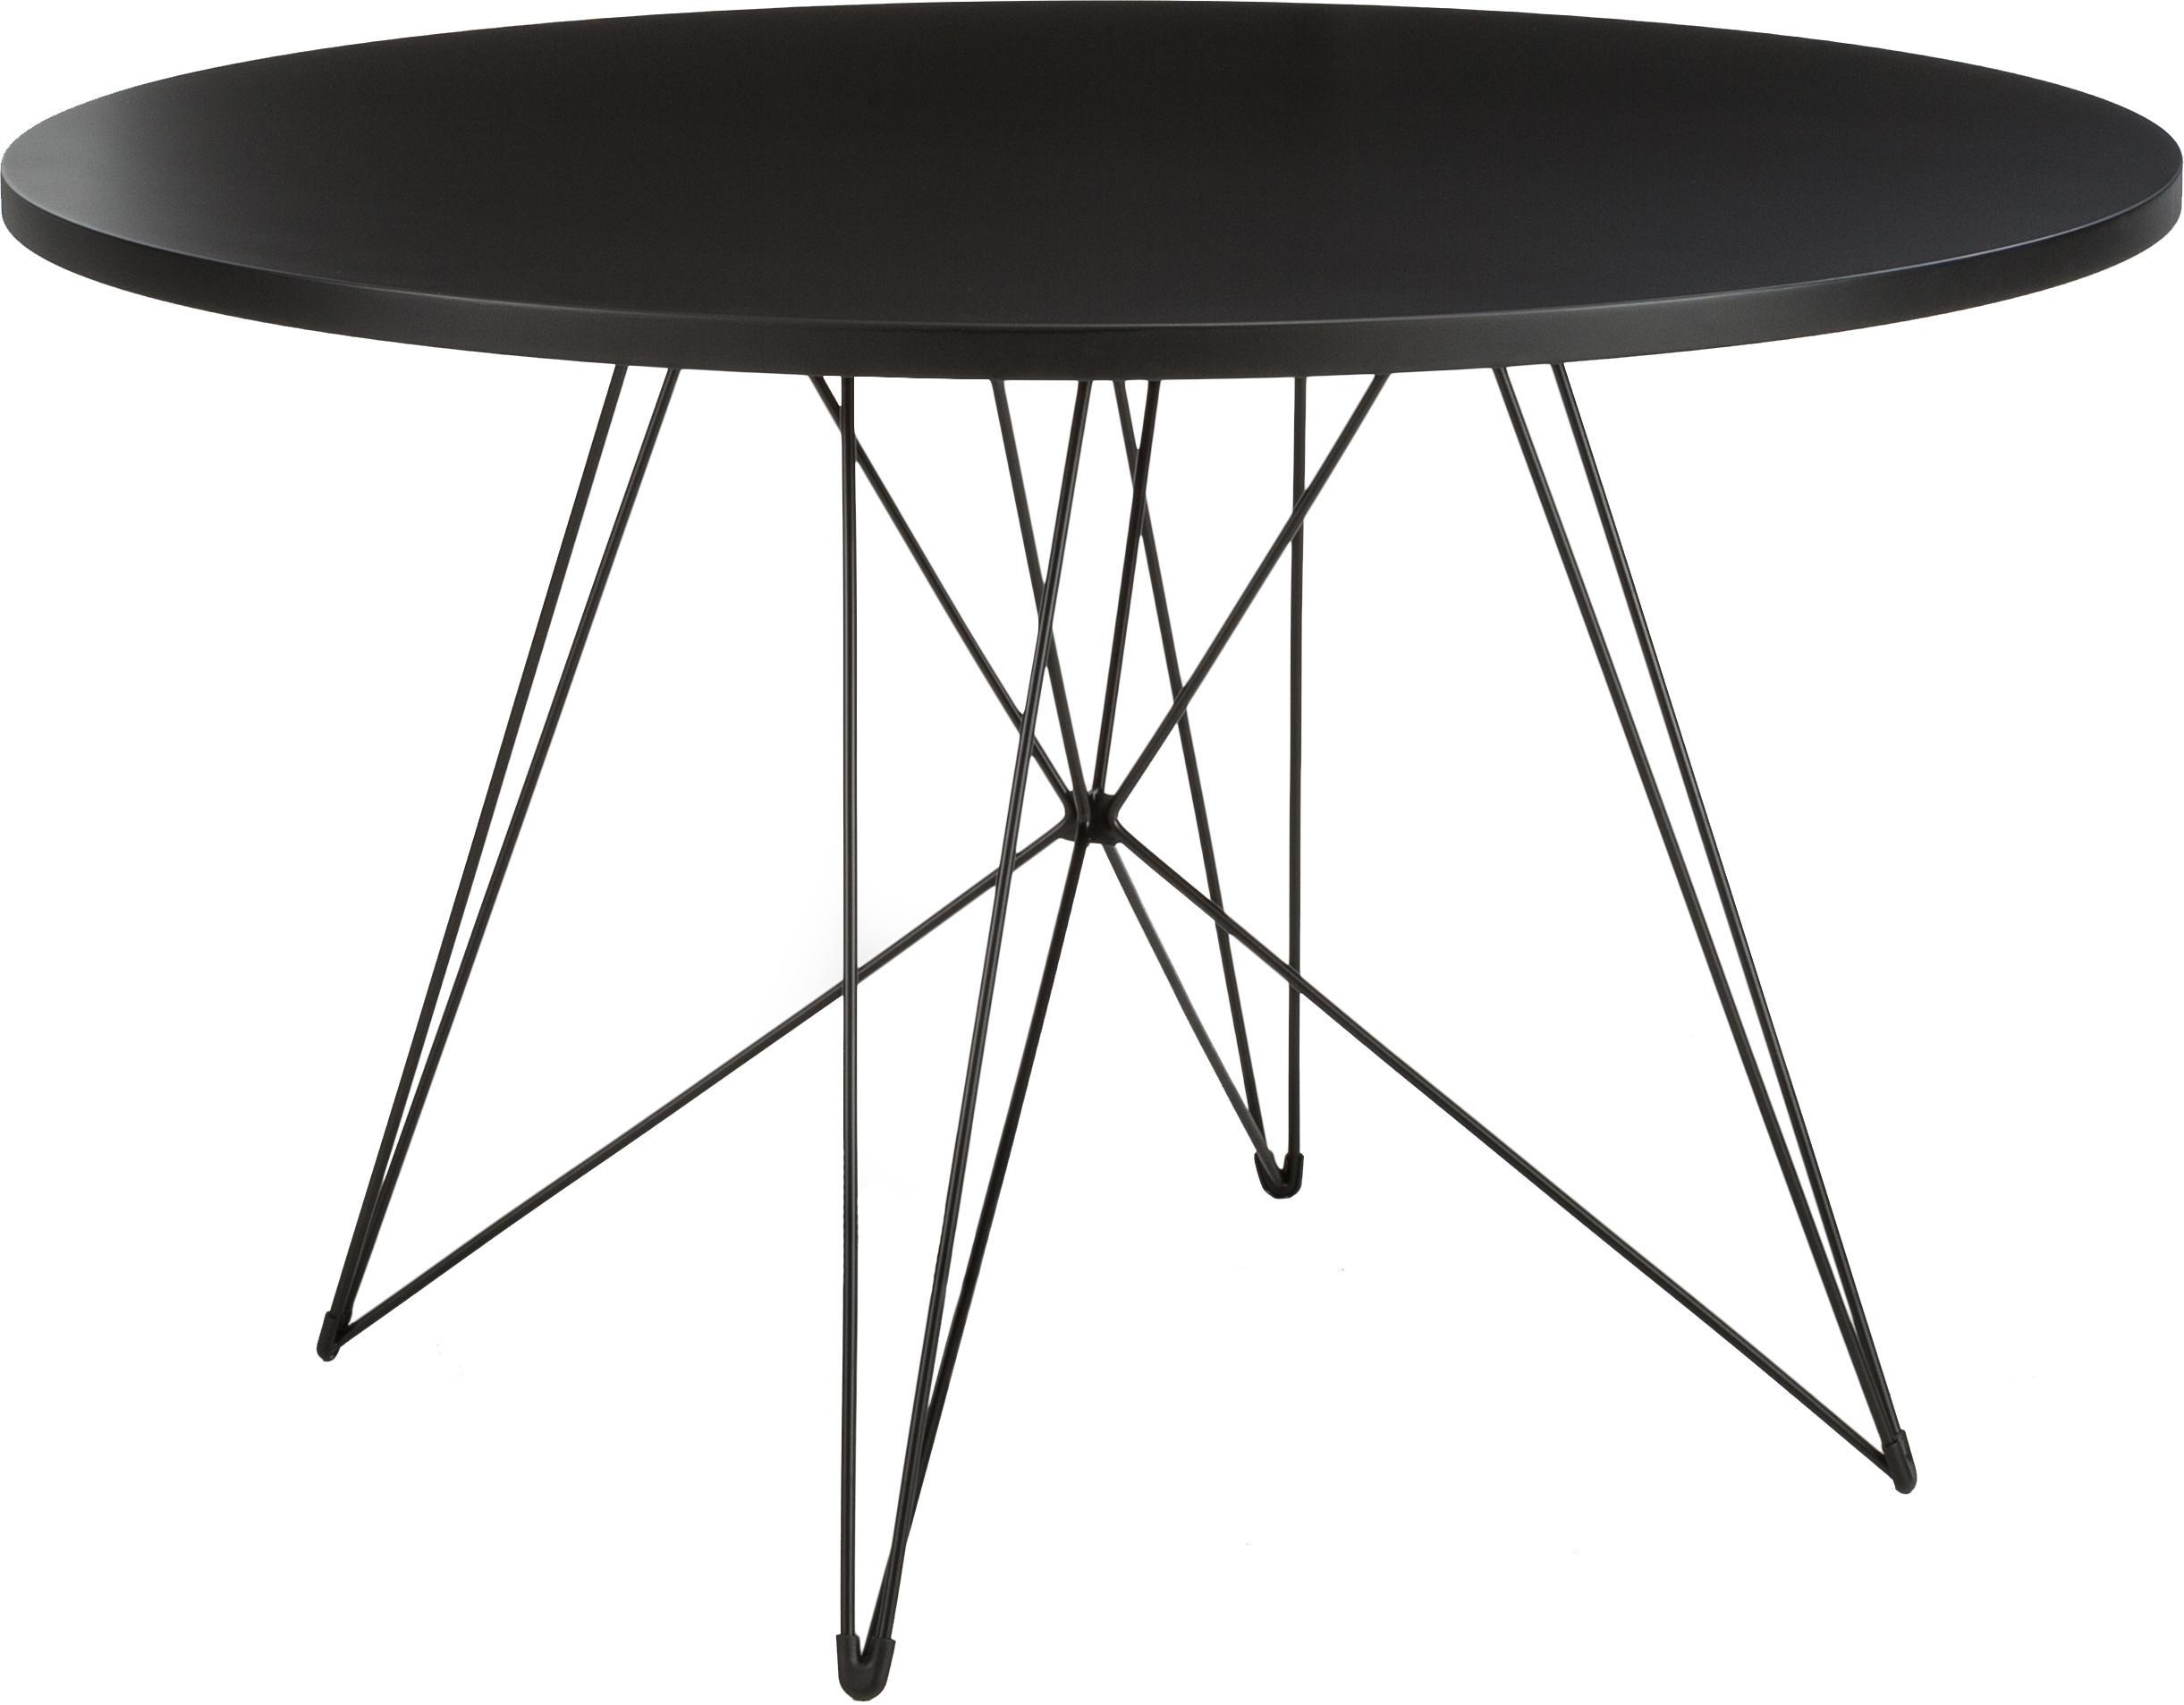 Runder Esstisch XZ3 mit Trestle Beinen, Tischplatte: Mitteldichte Holzfaserpla, Beine: Stahldraht, lackiert, Schwarz, Ø 120 x H 74 cm